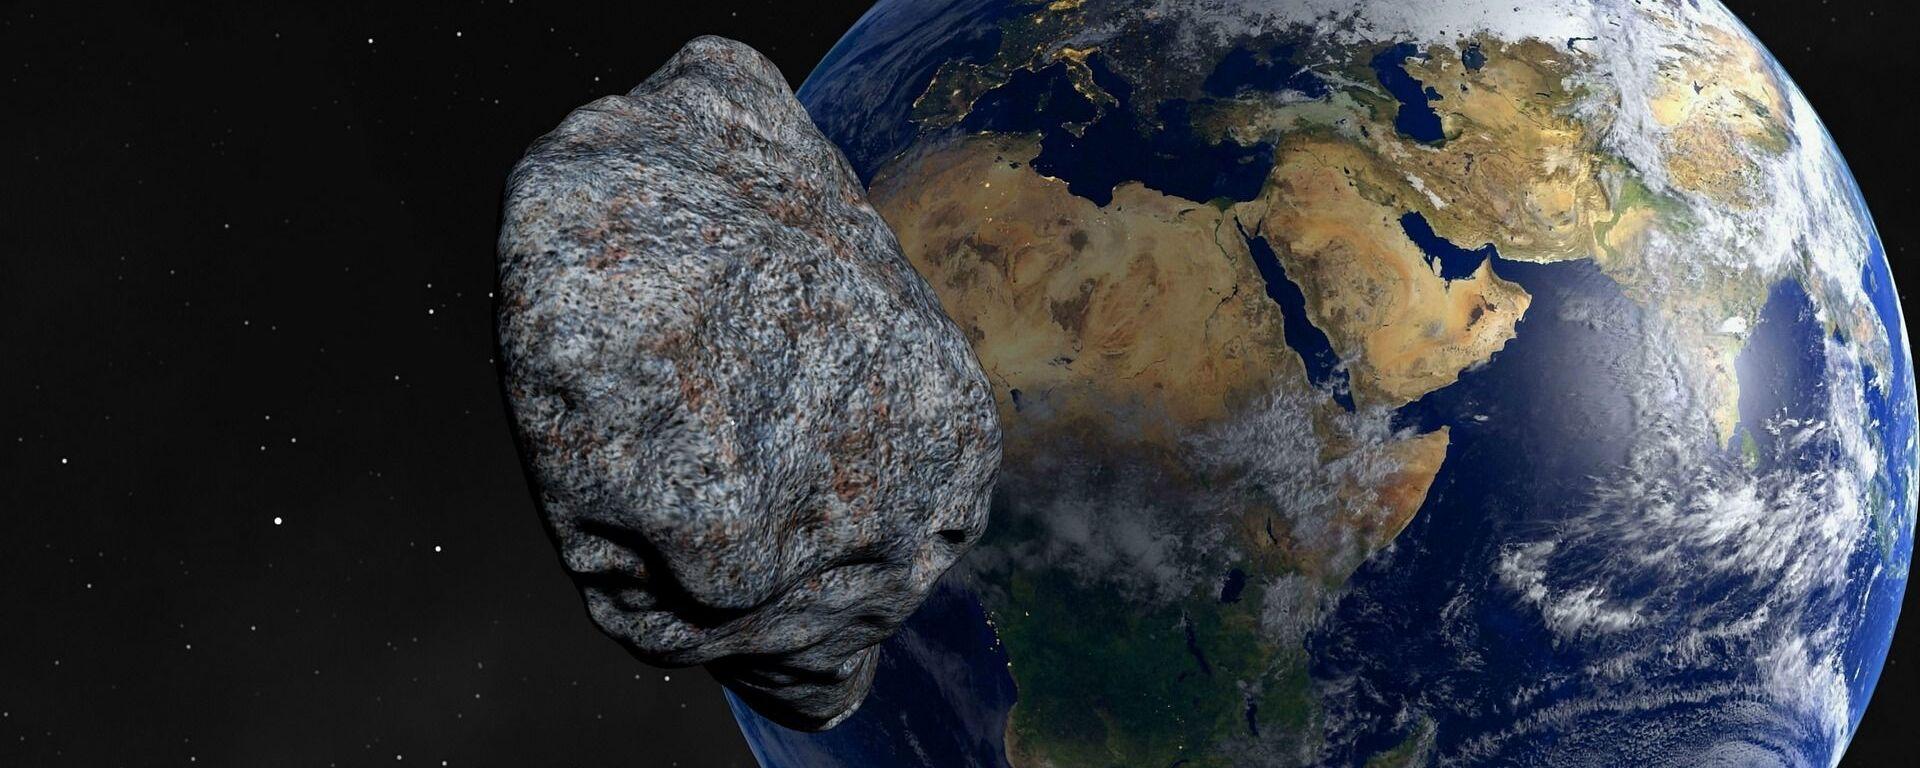 Un asteroide si sta dirigendo verso la Terra - Sputnik Italia, 1920, 09.07.2021